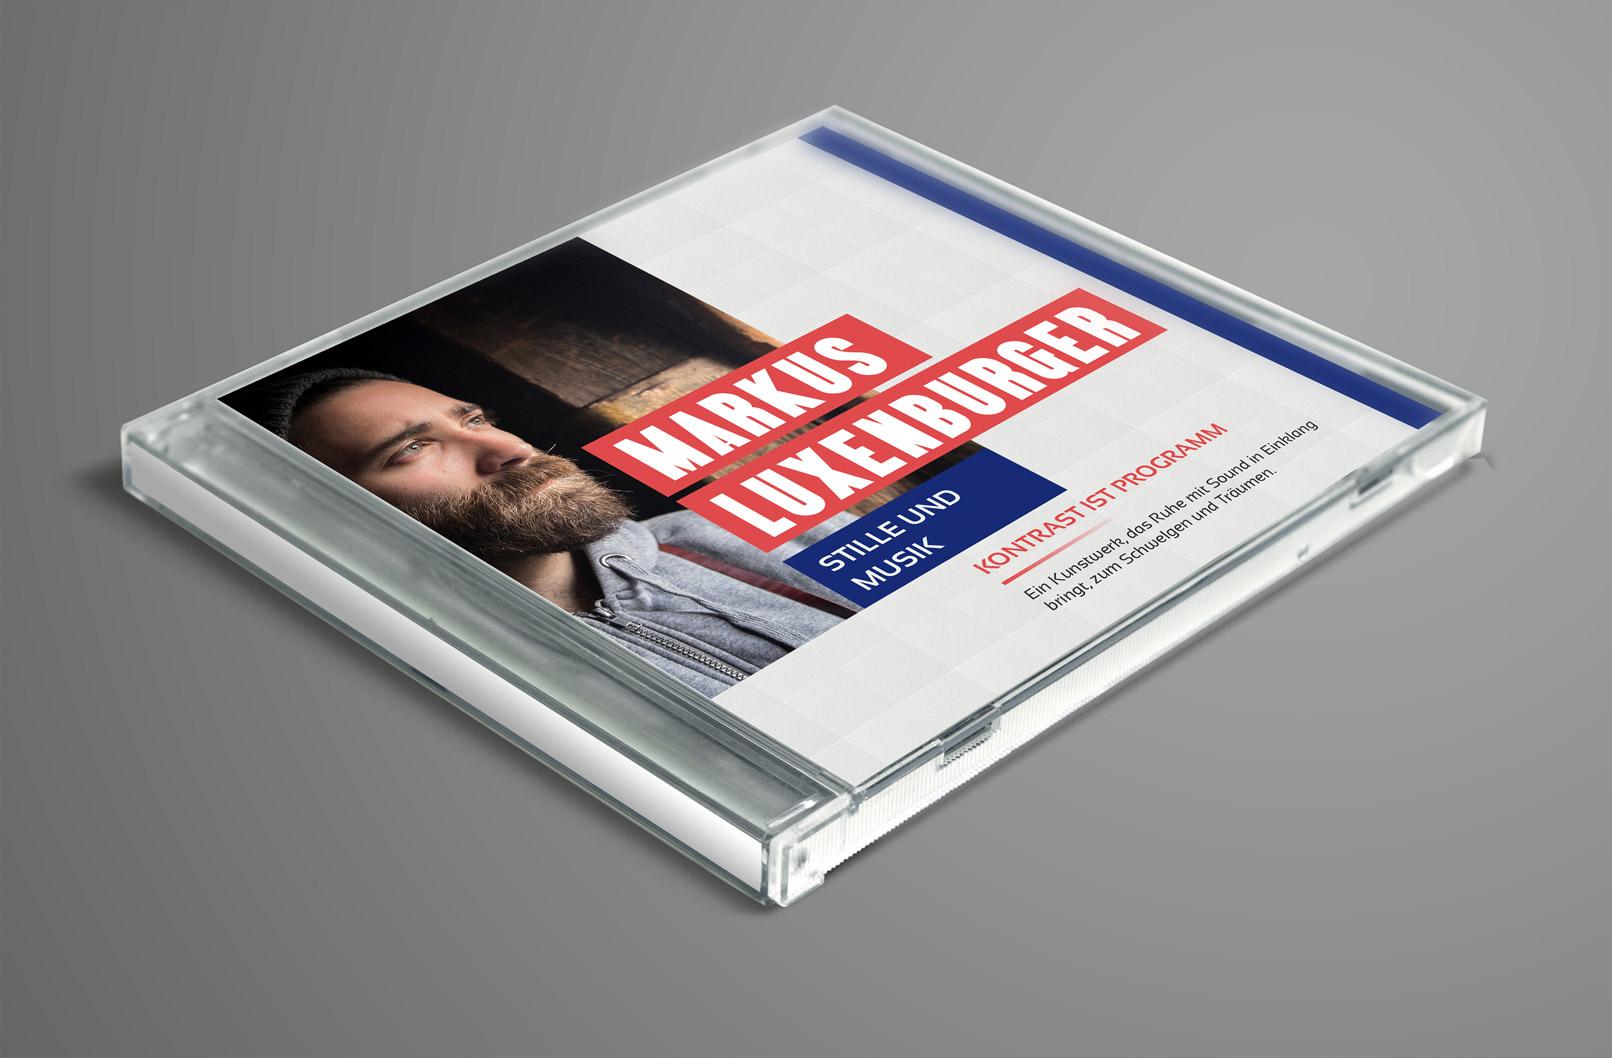 Design-Vorlage für ein CD Cover, ausgelegt für Alleinunterhalter, Musiker